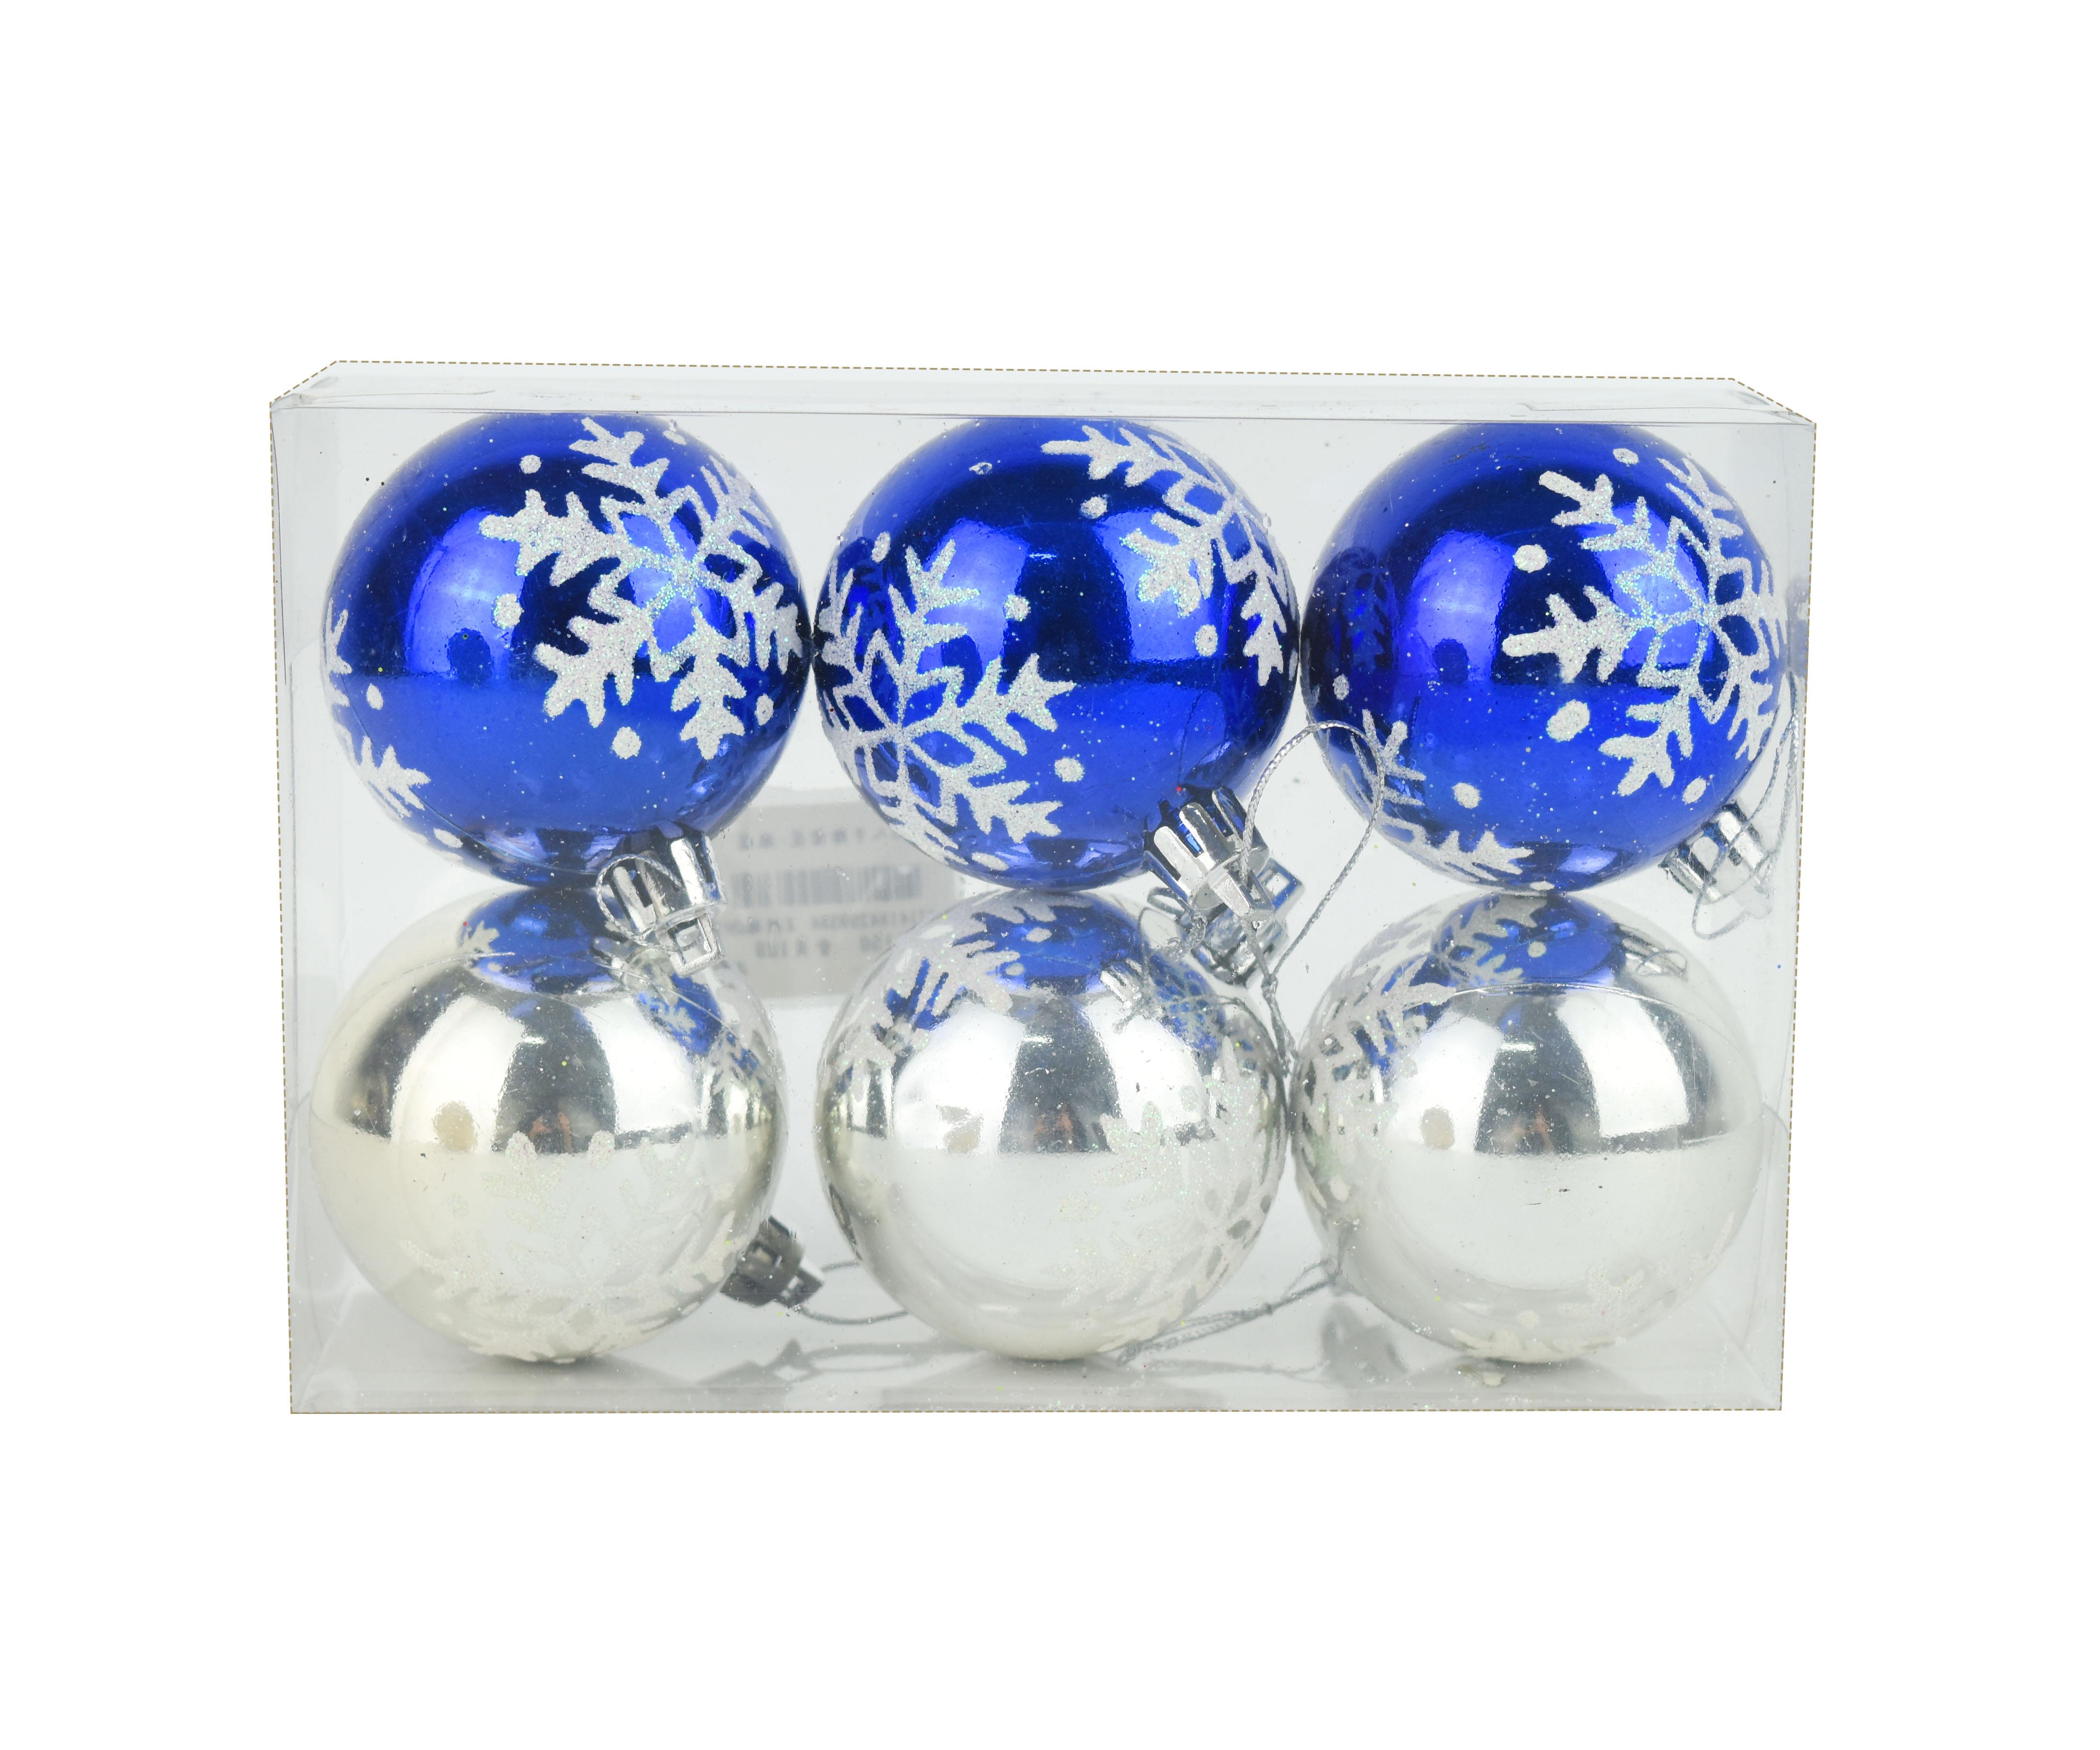 X射線【X299384】6公分手繪雪花鍍金球(銀藍)6入,聖誕節/聖誕佈置/聖誕鍍金球/聖誕球/吊飾/會場佈置/DIY/材料包